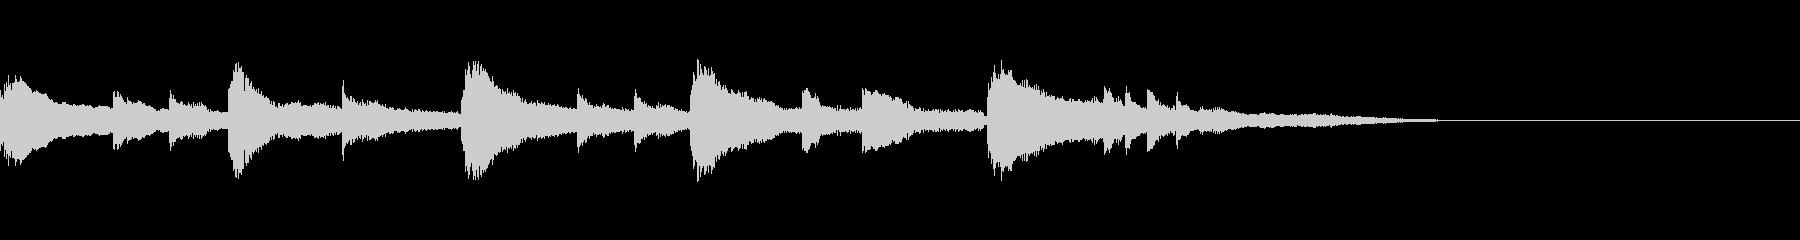 あたたかい少し切ないピアノのジングルの未再生の波形